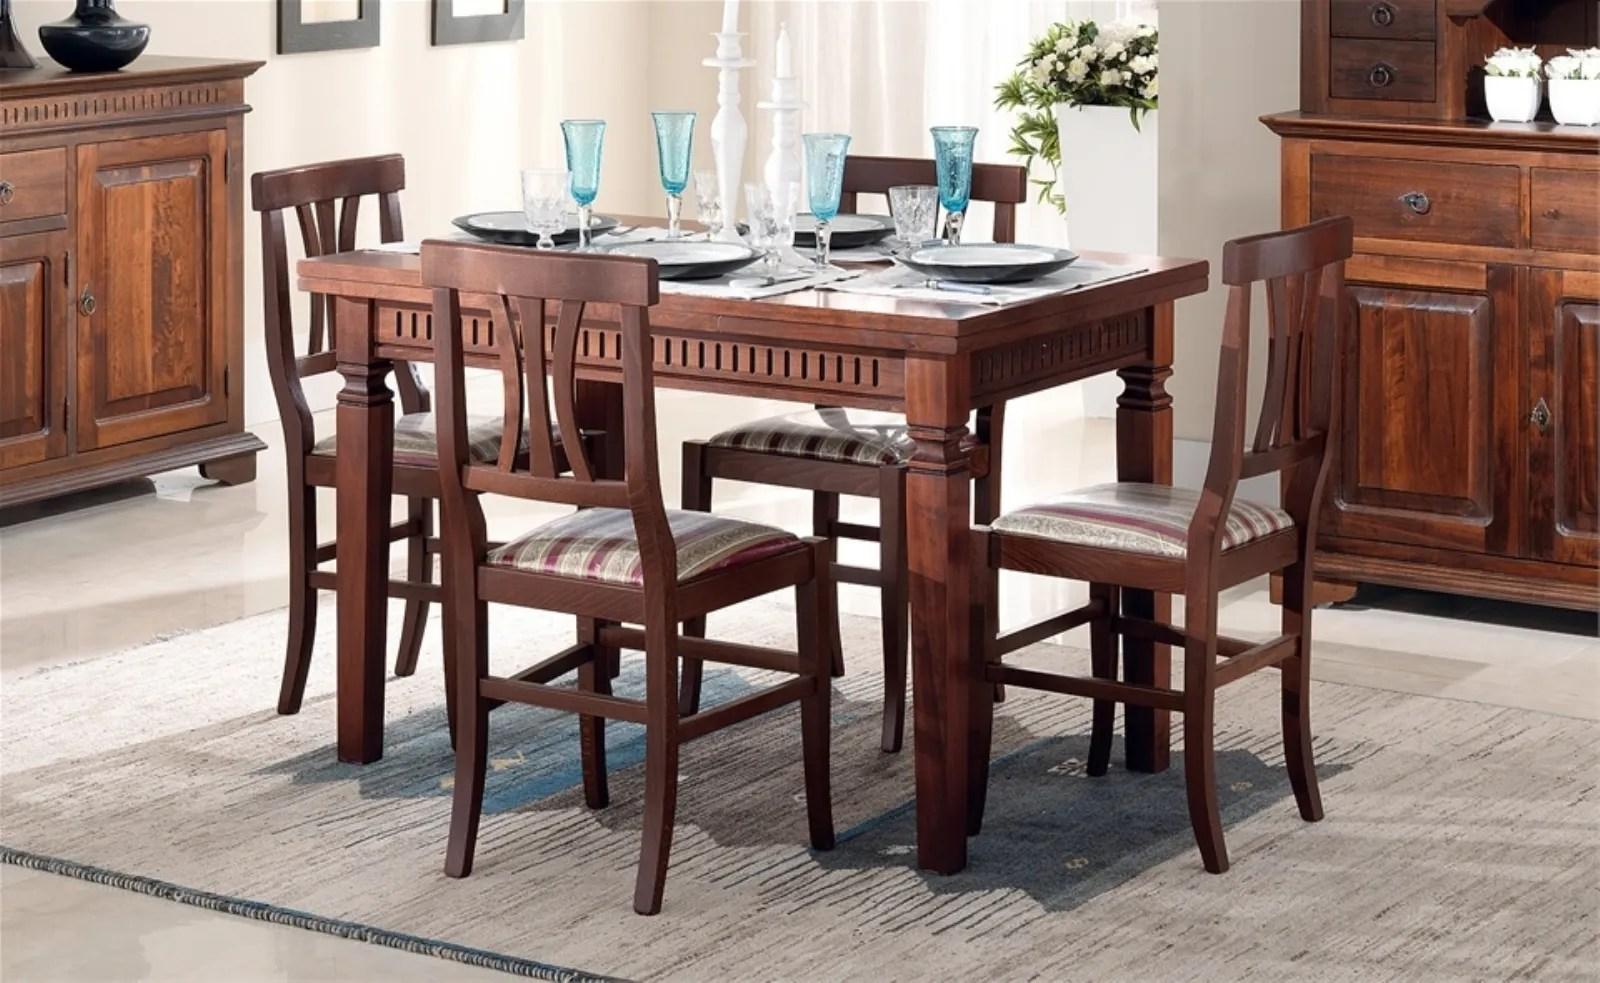 Miglior mondo convenienza tavolini per salotto tavoli. Acquistare Tavolo Mondo Convenienza